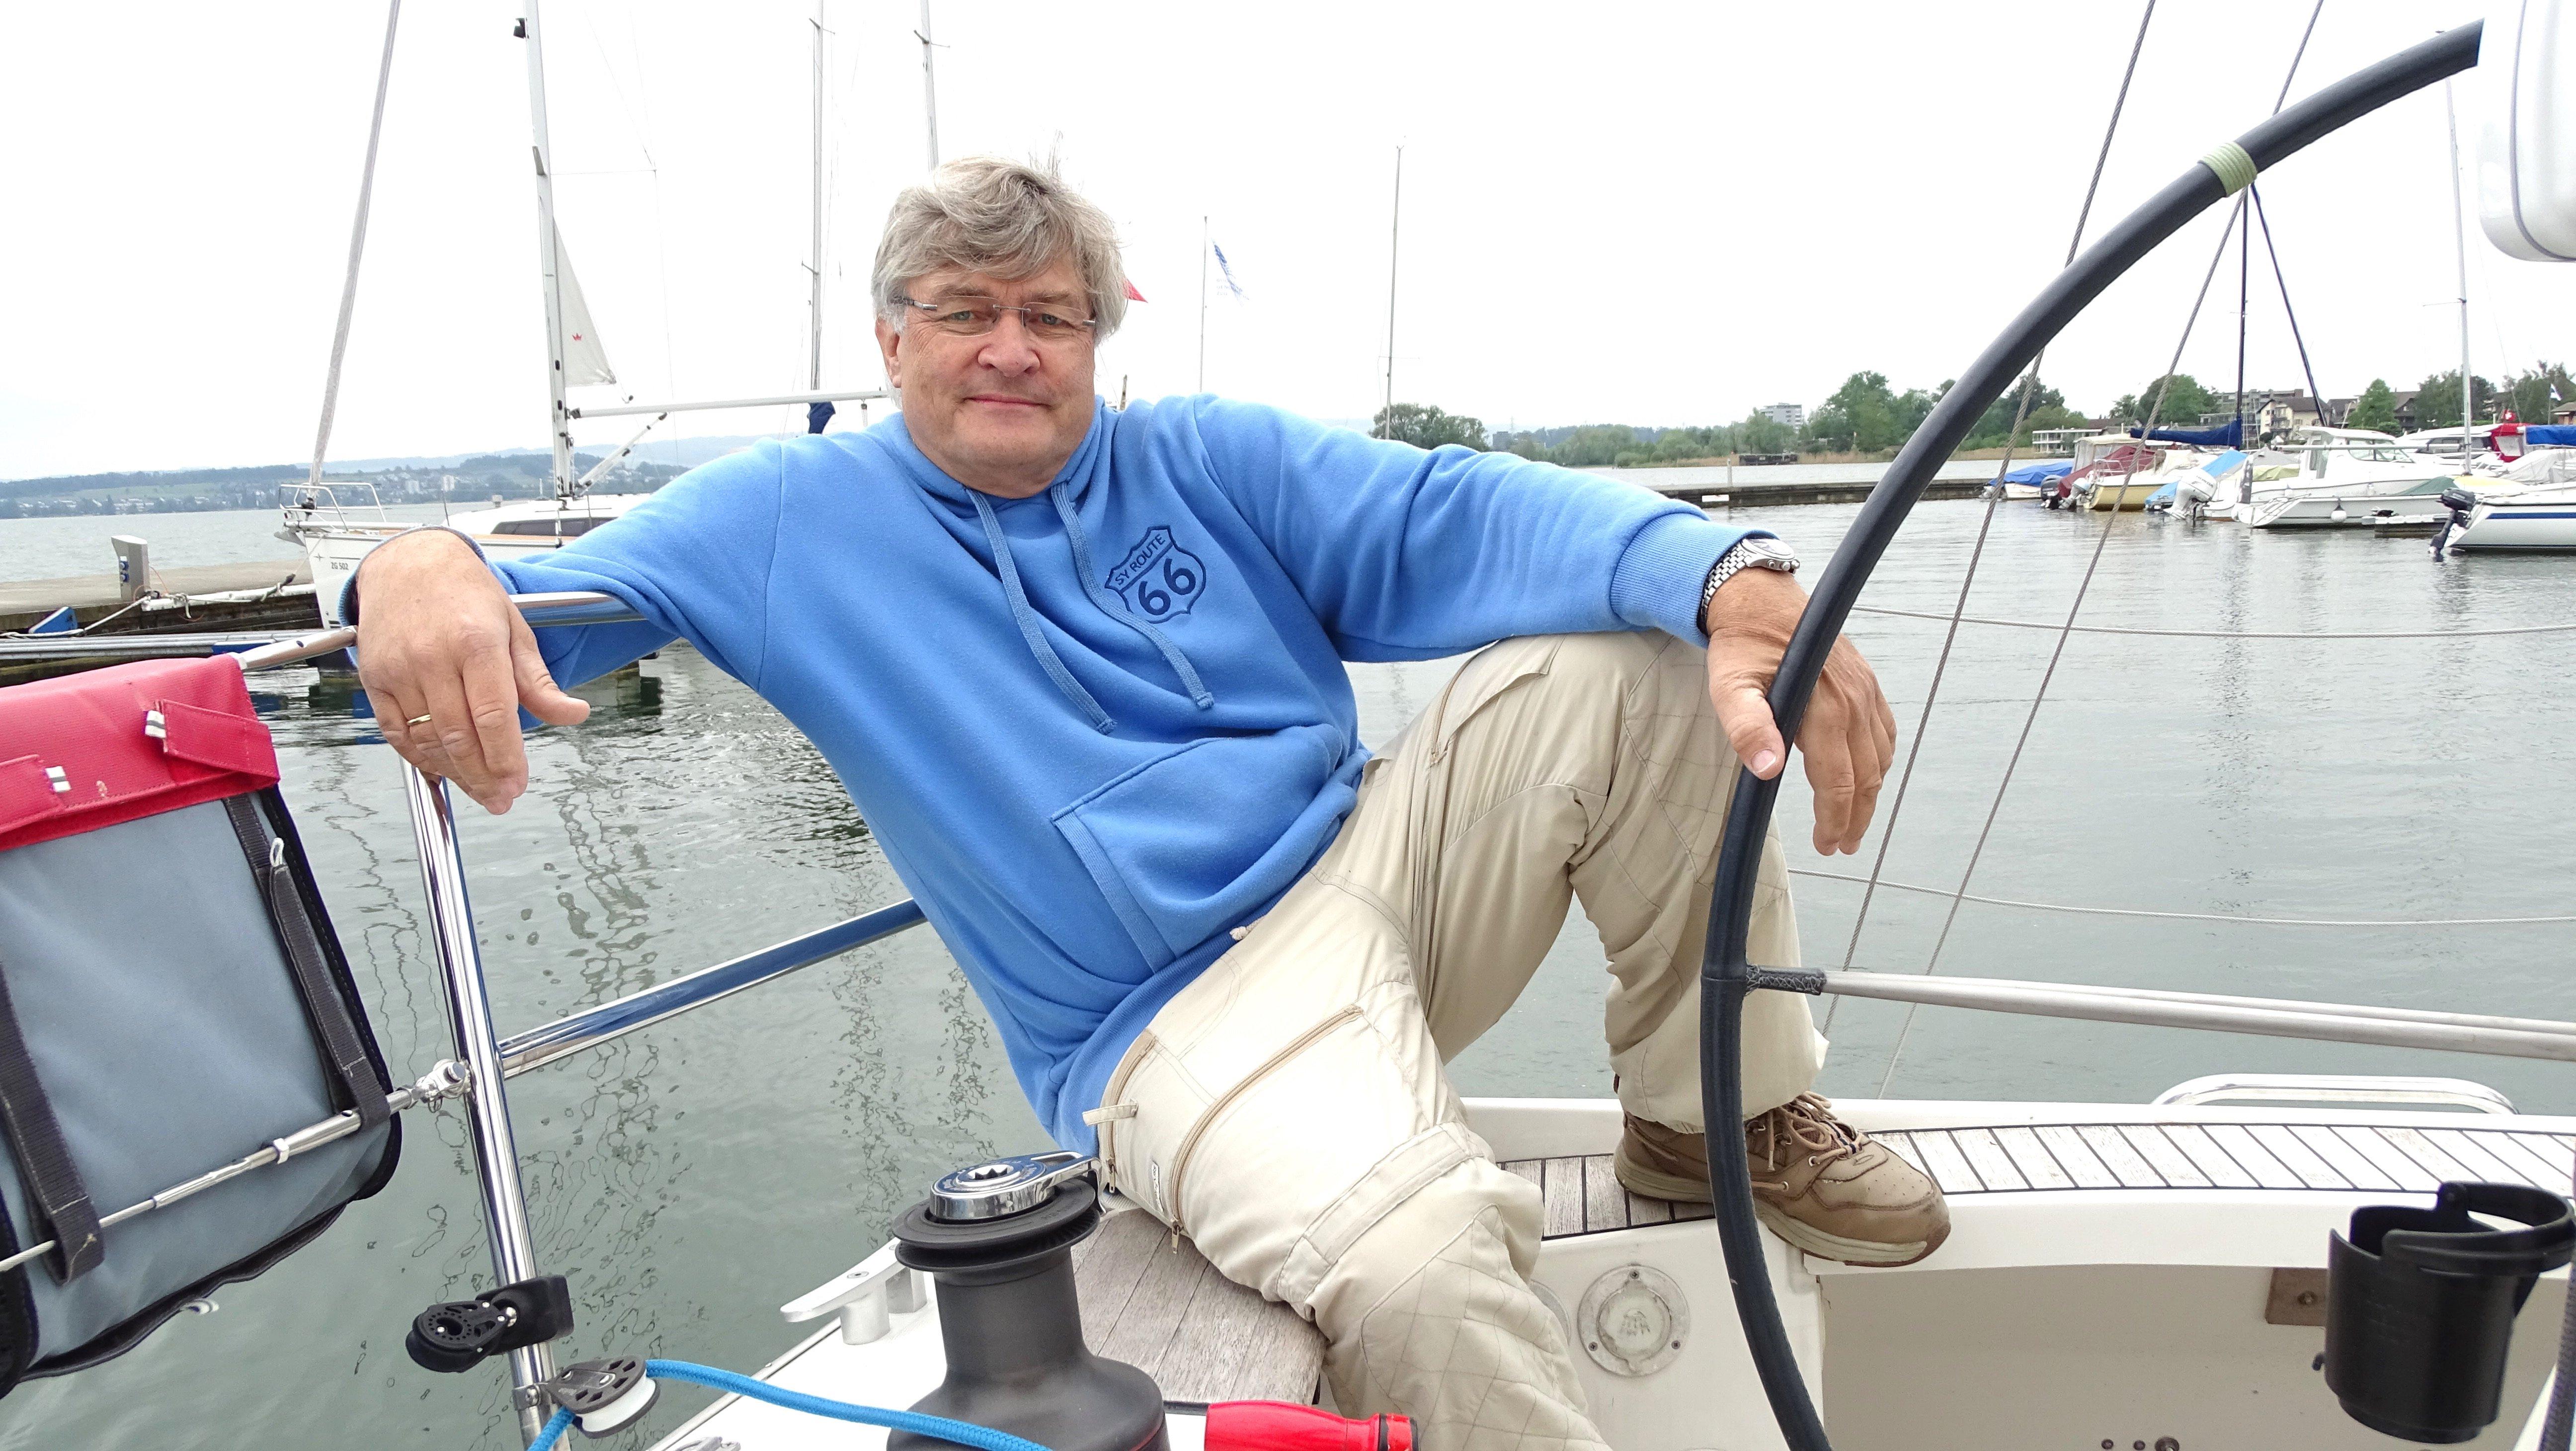 Seine Lieblingsposition: Wolfgang Hass geniesst beim Segeln vor allem die Ruhe auf dem Wasser.